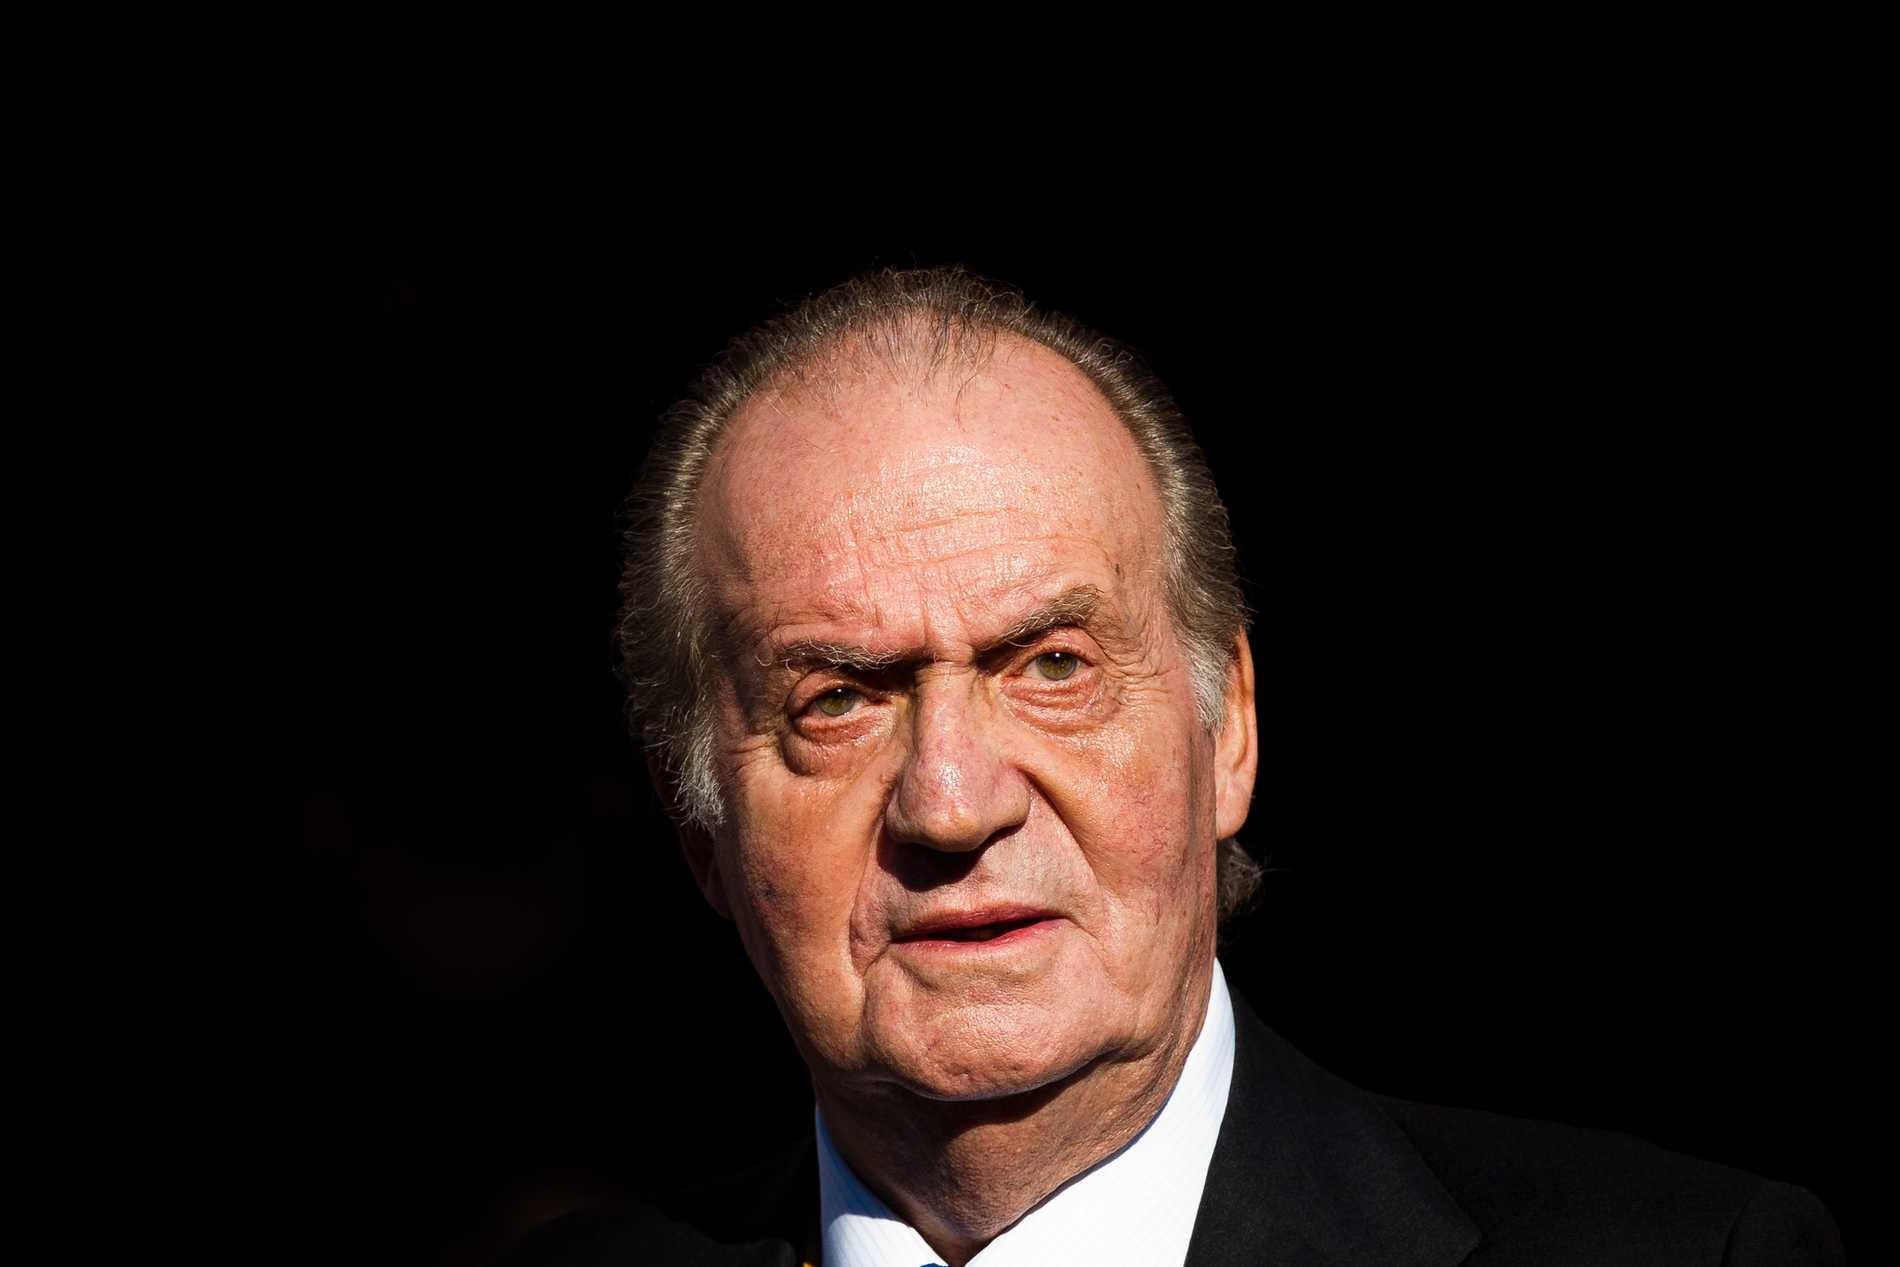 Spaniens tidigare kung Juan Carlos bör bli föremål för en parlamentarisk utredning, anser vänsteralliansen och regeringsparten Podemos, efter en medieuppgift om en utredning i Schweiz. Arkivbild från 2015.